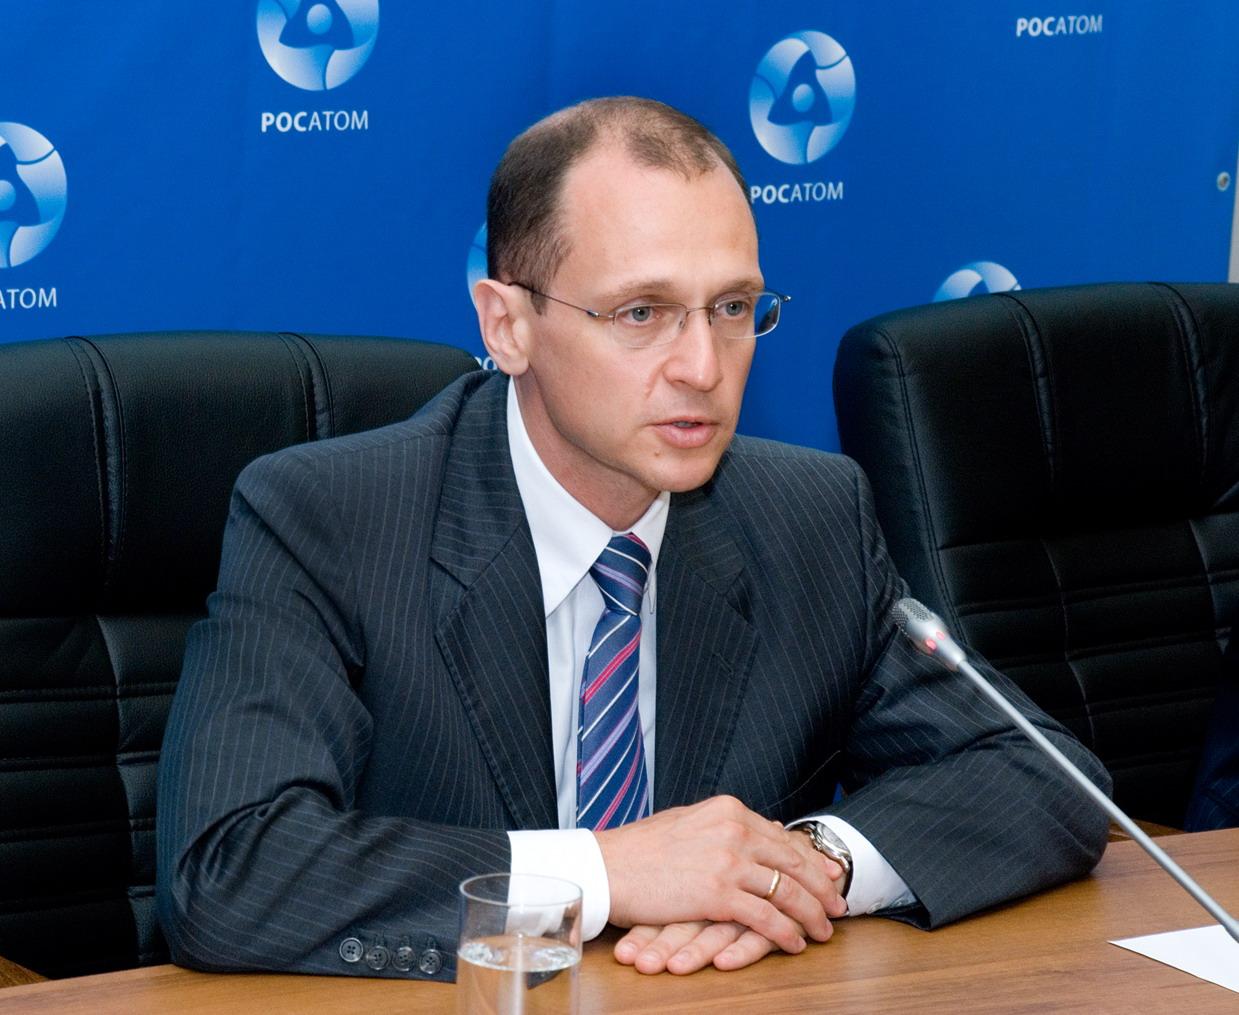 Rusko bude rozvíjet svou jadernou energetiku i přes fukušimskou havárii – šéf Rosatomu na bezpečnostní konferenci MAAE